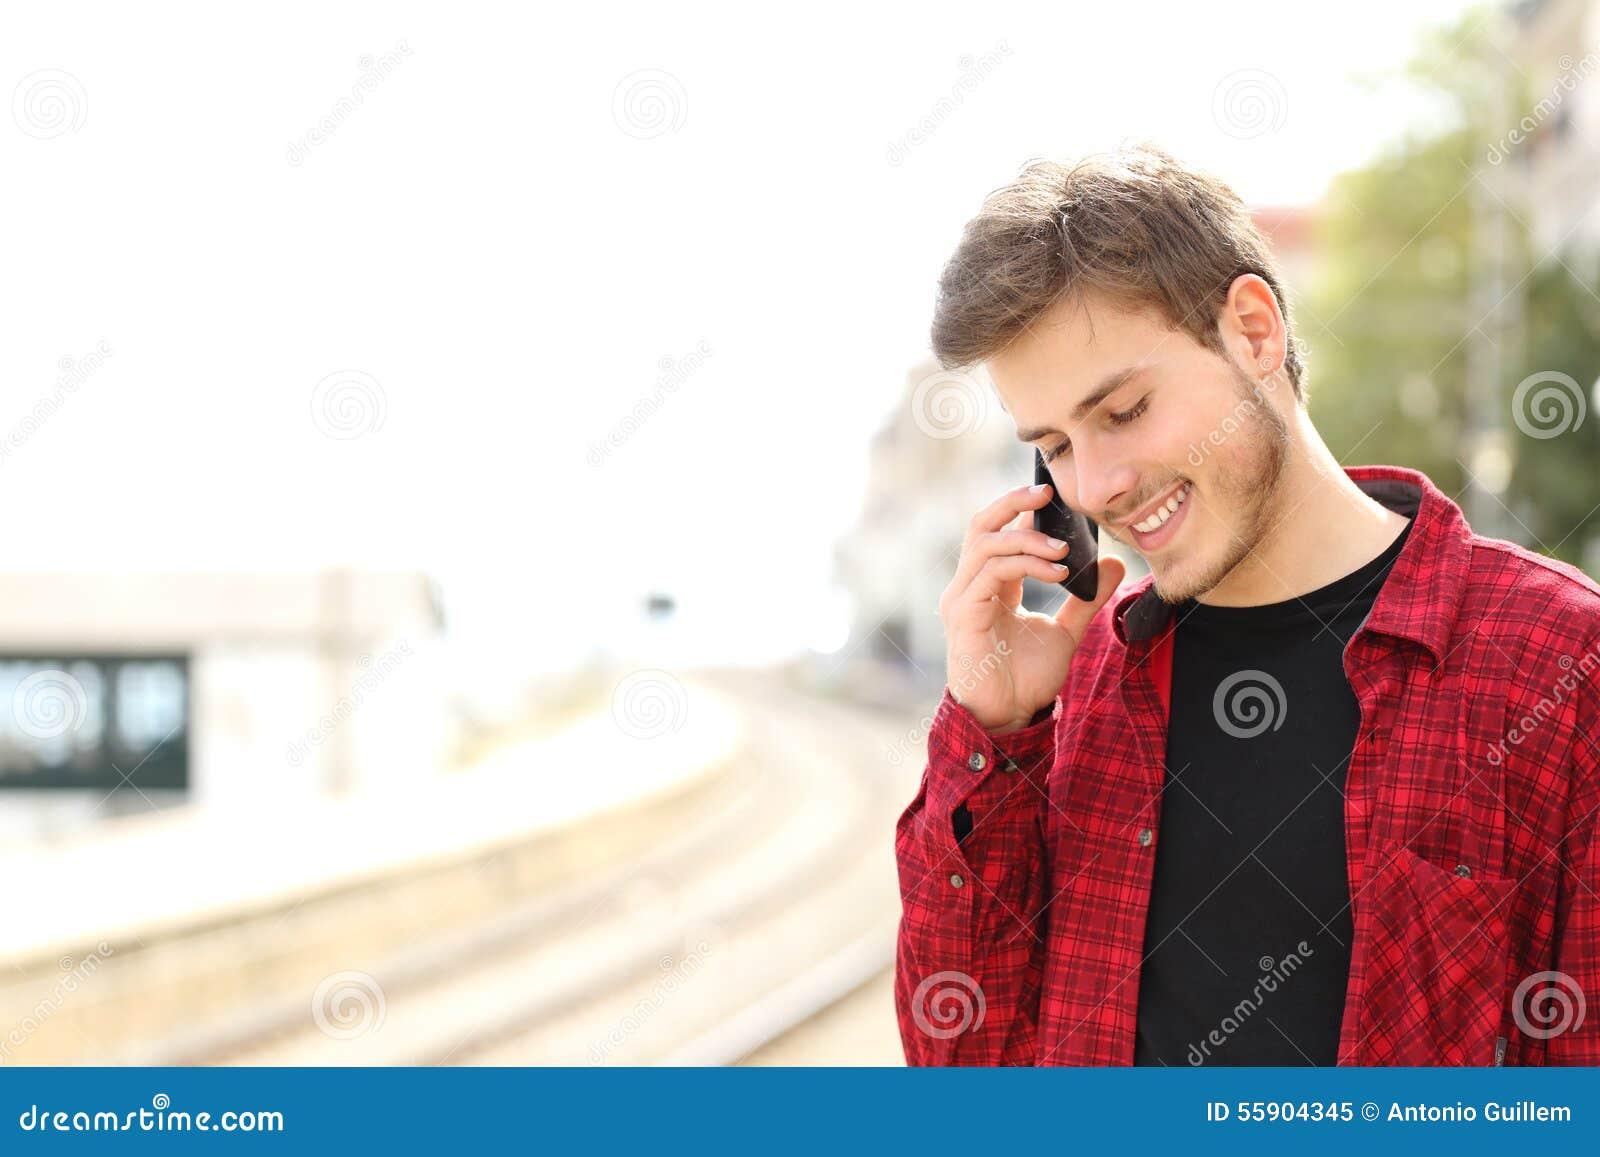 Call guys